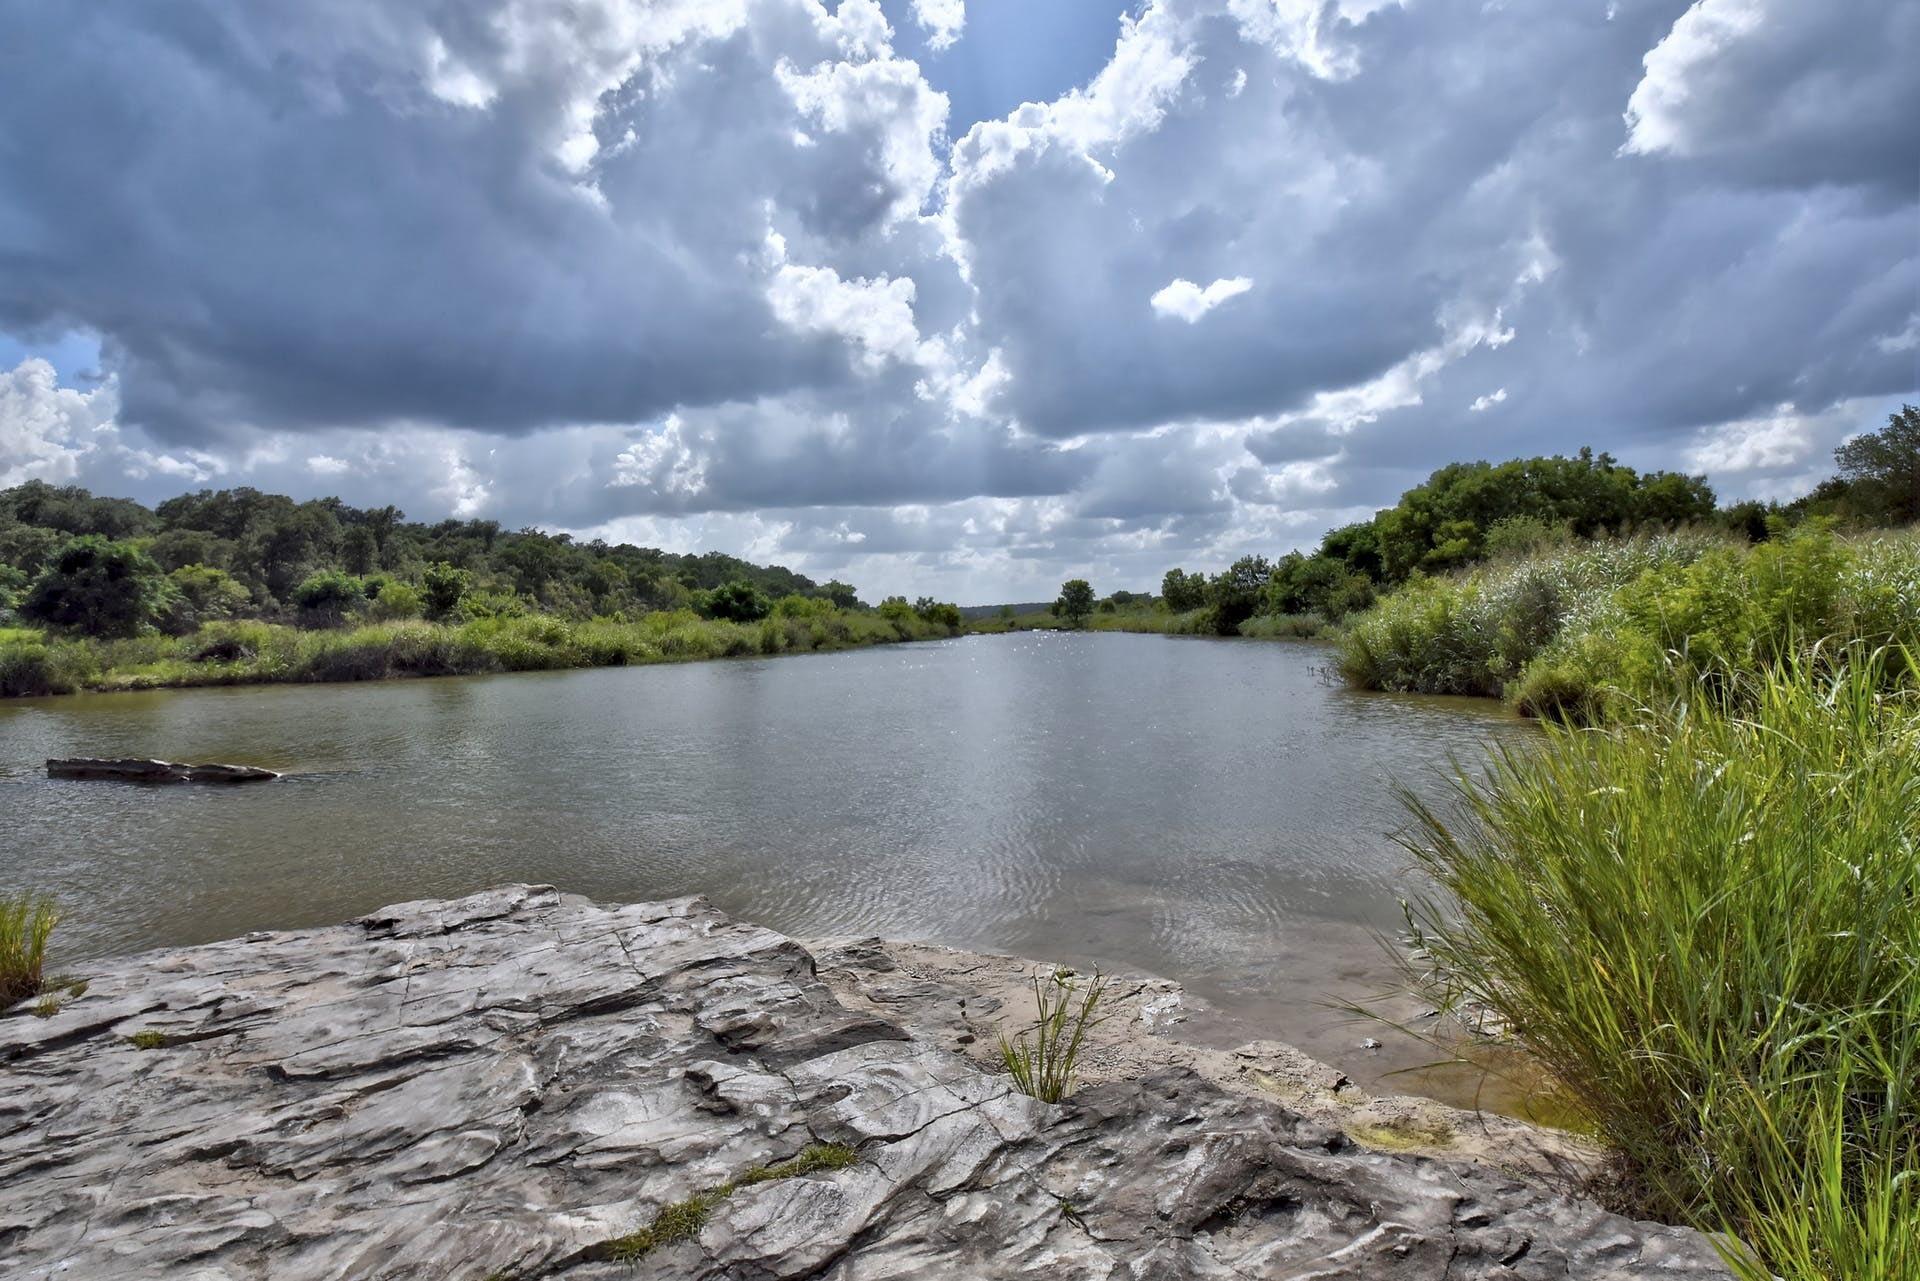 055-389594-Trails End River Park_003_10473955